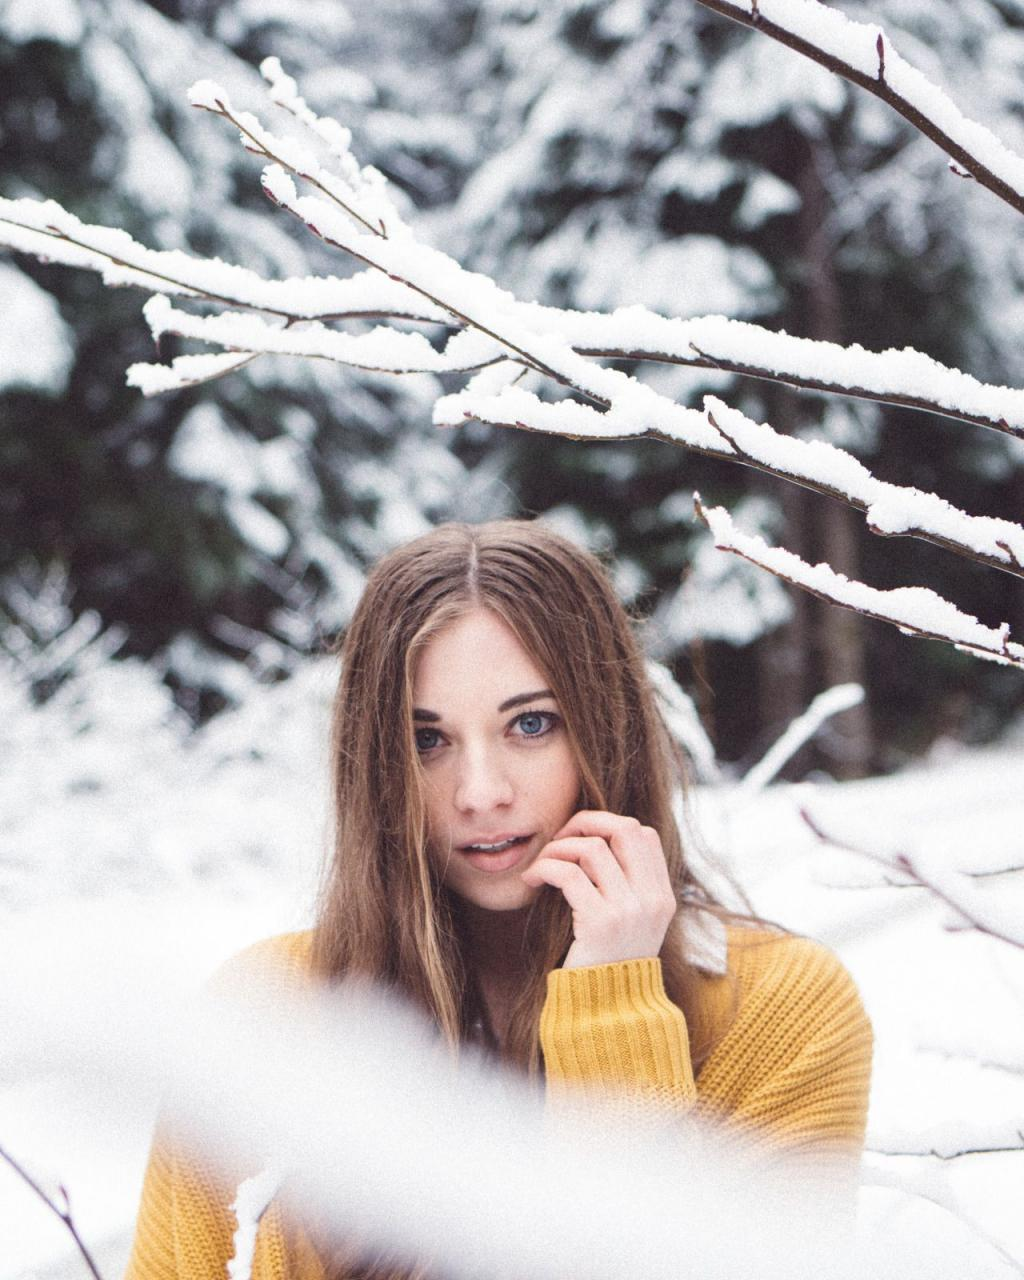 عکس زمستانی دخترانه خاص برای پروفایل